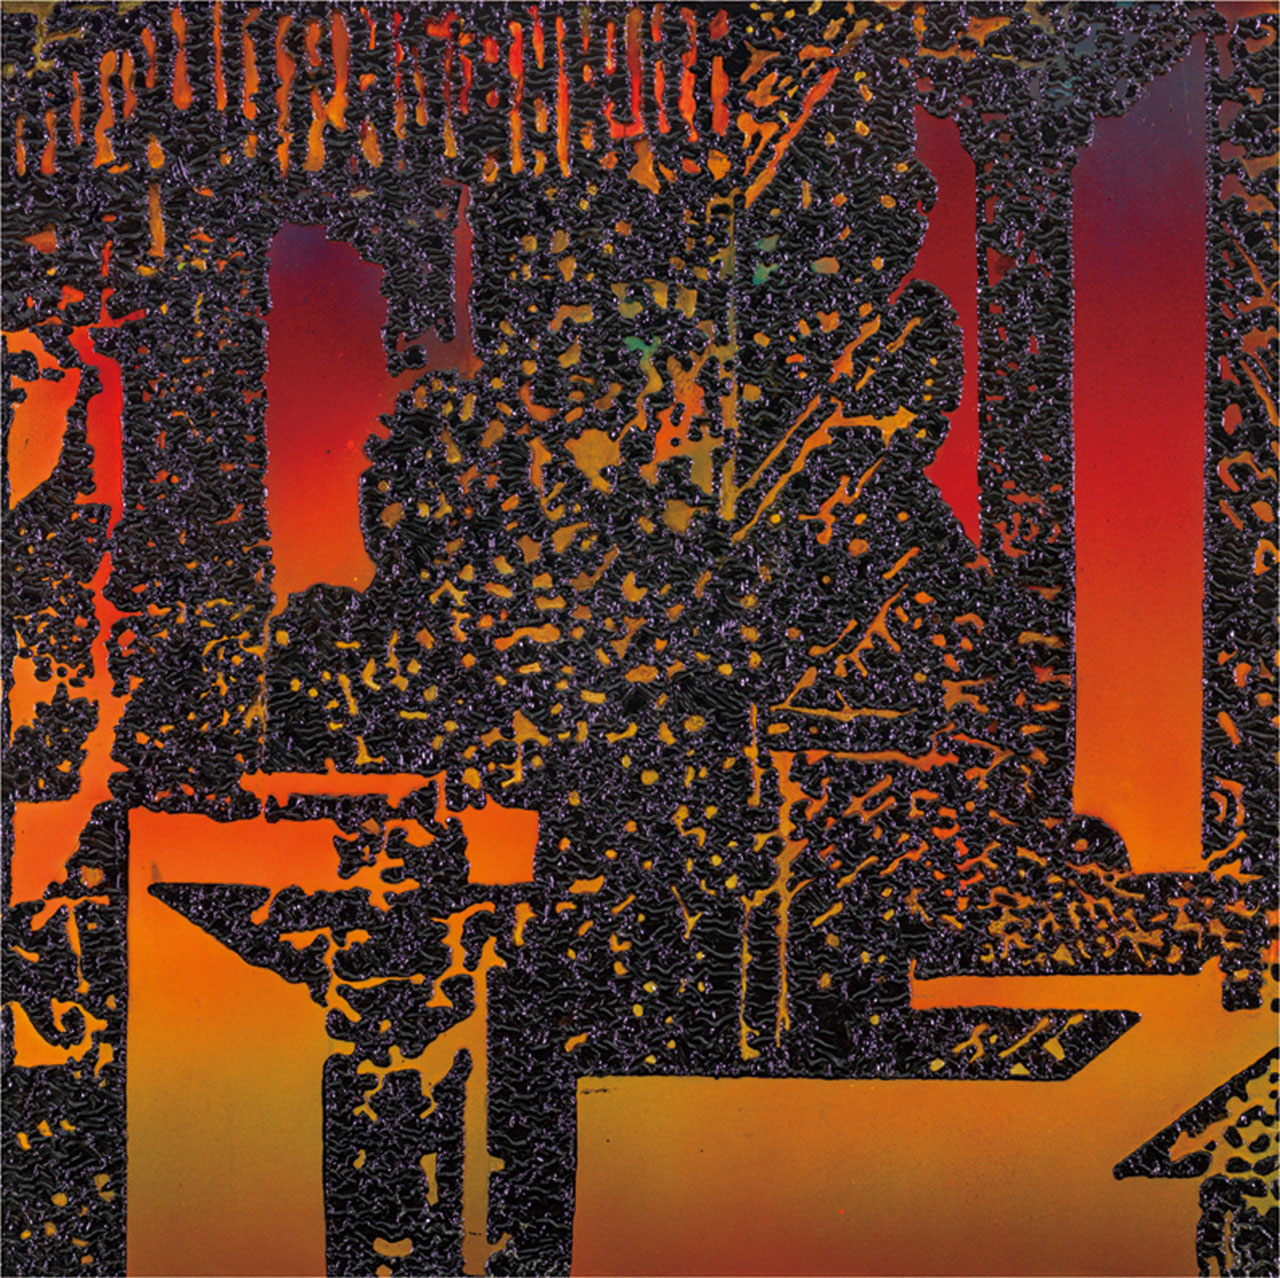 李錫奇 漢采本位1 漆畫複合媒材 100x100cm